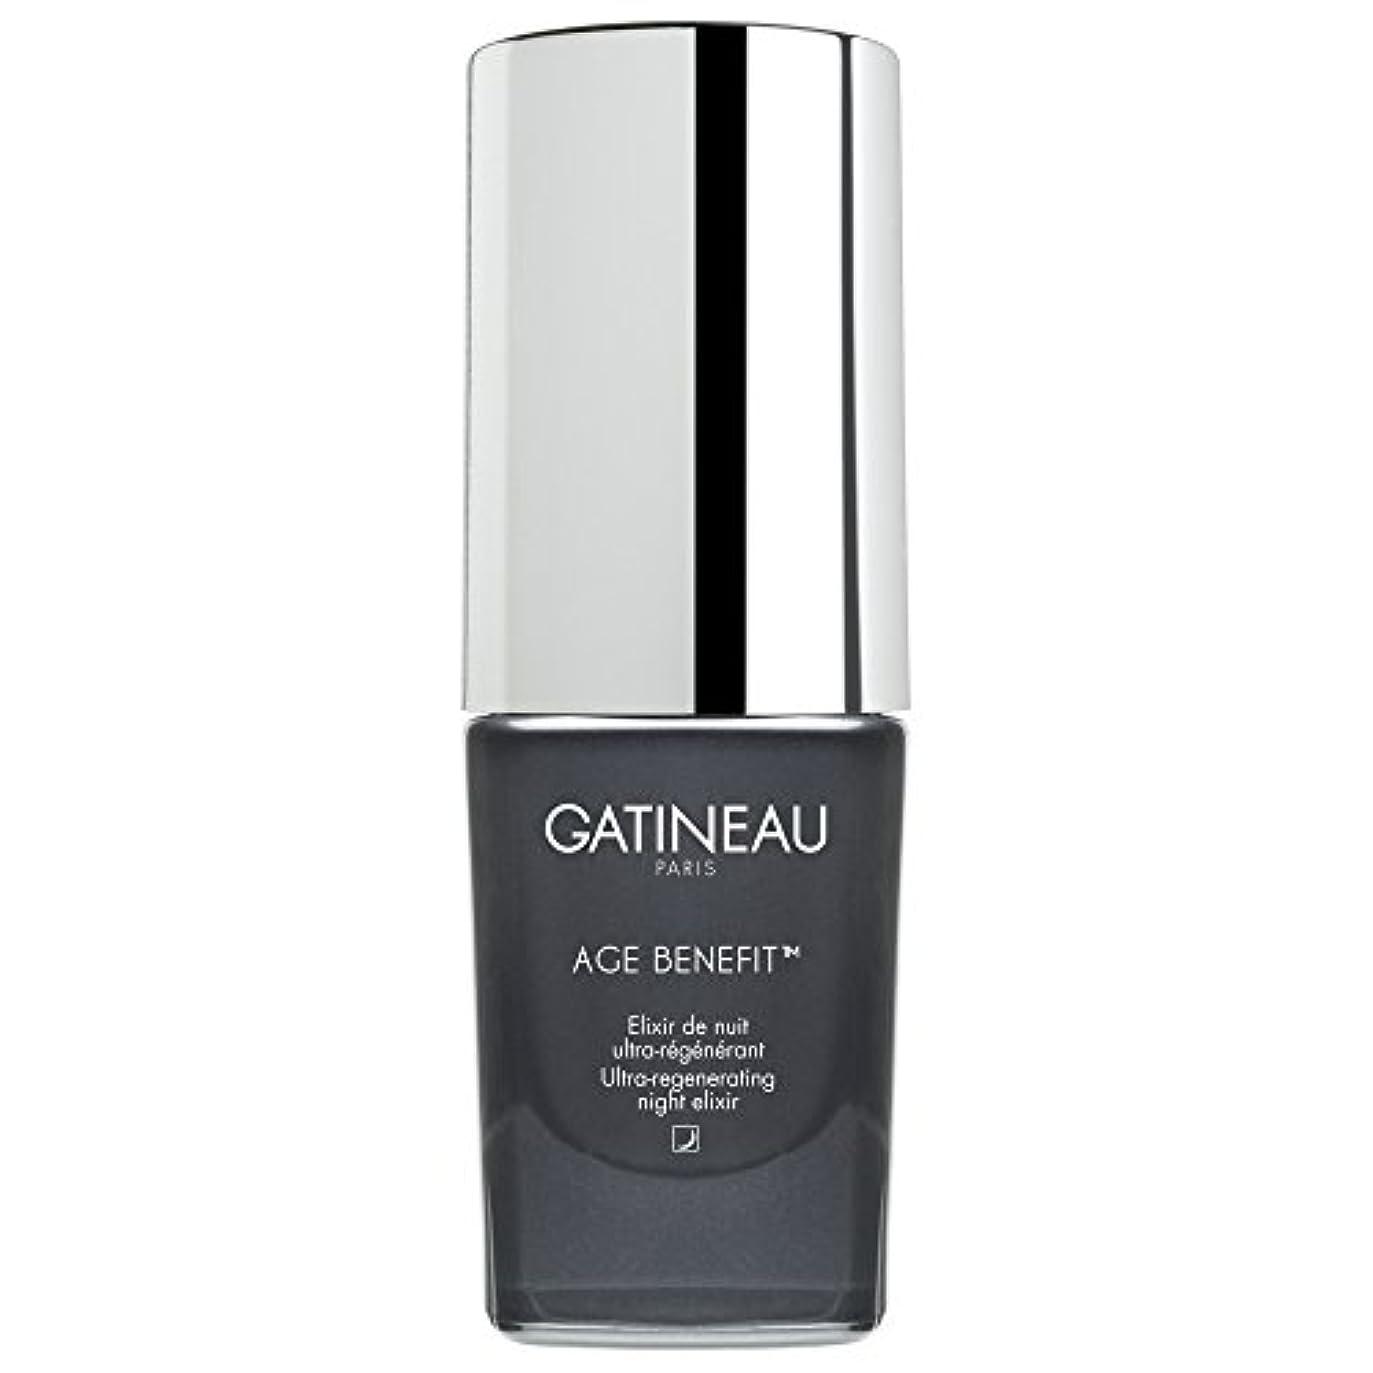 退屈させるダンス旧正月ガティノー年齢給付超再生夜のエリクシルの15ミリリットル (Gatineau) - Gatineau Age Benefit Ultra-Regenerating Night Elixir 15ml [並行輸入品]